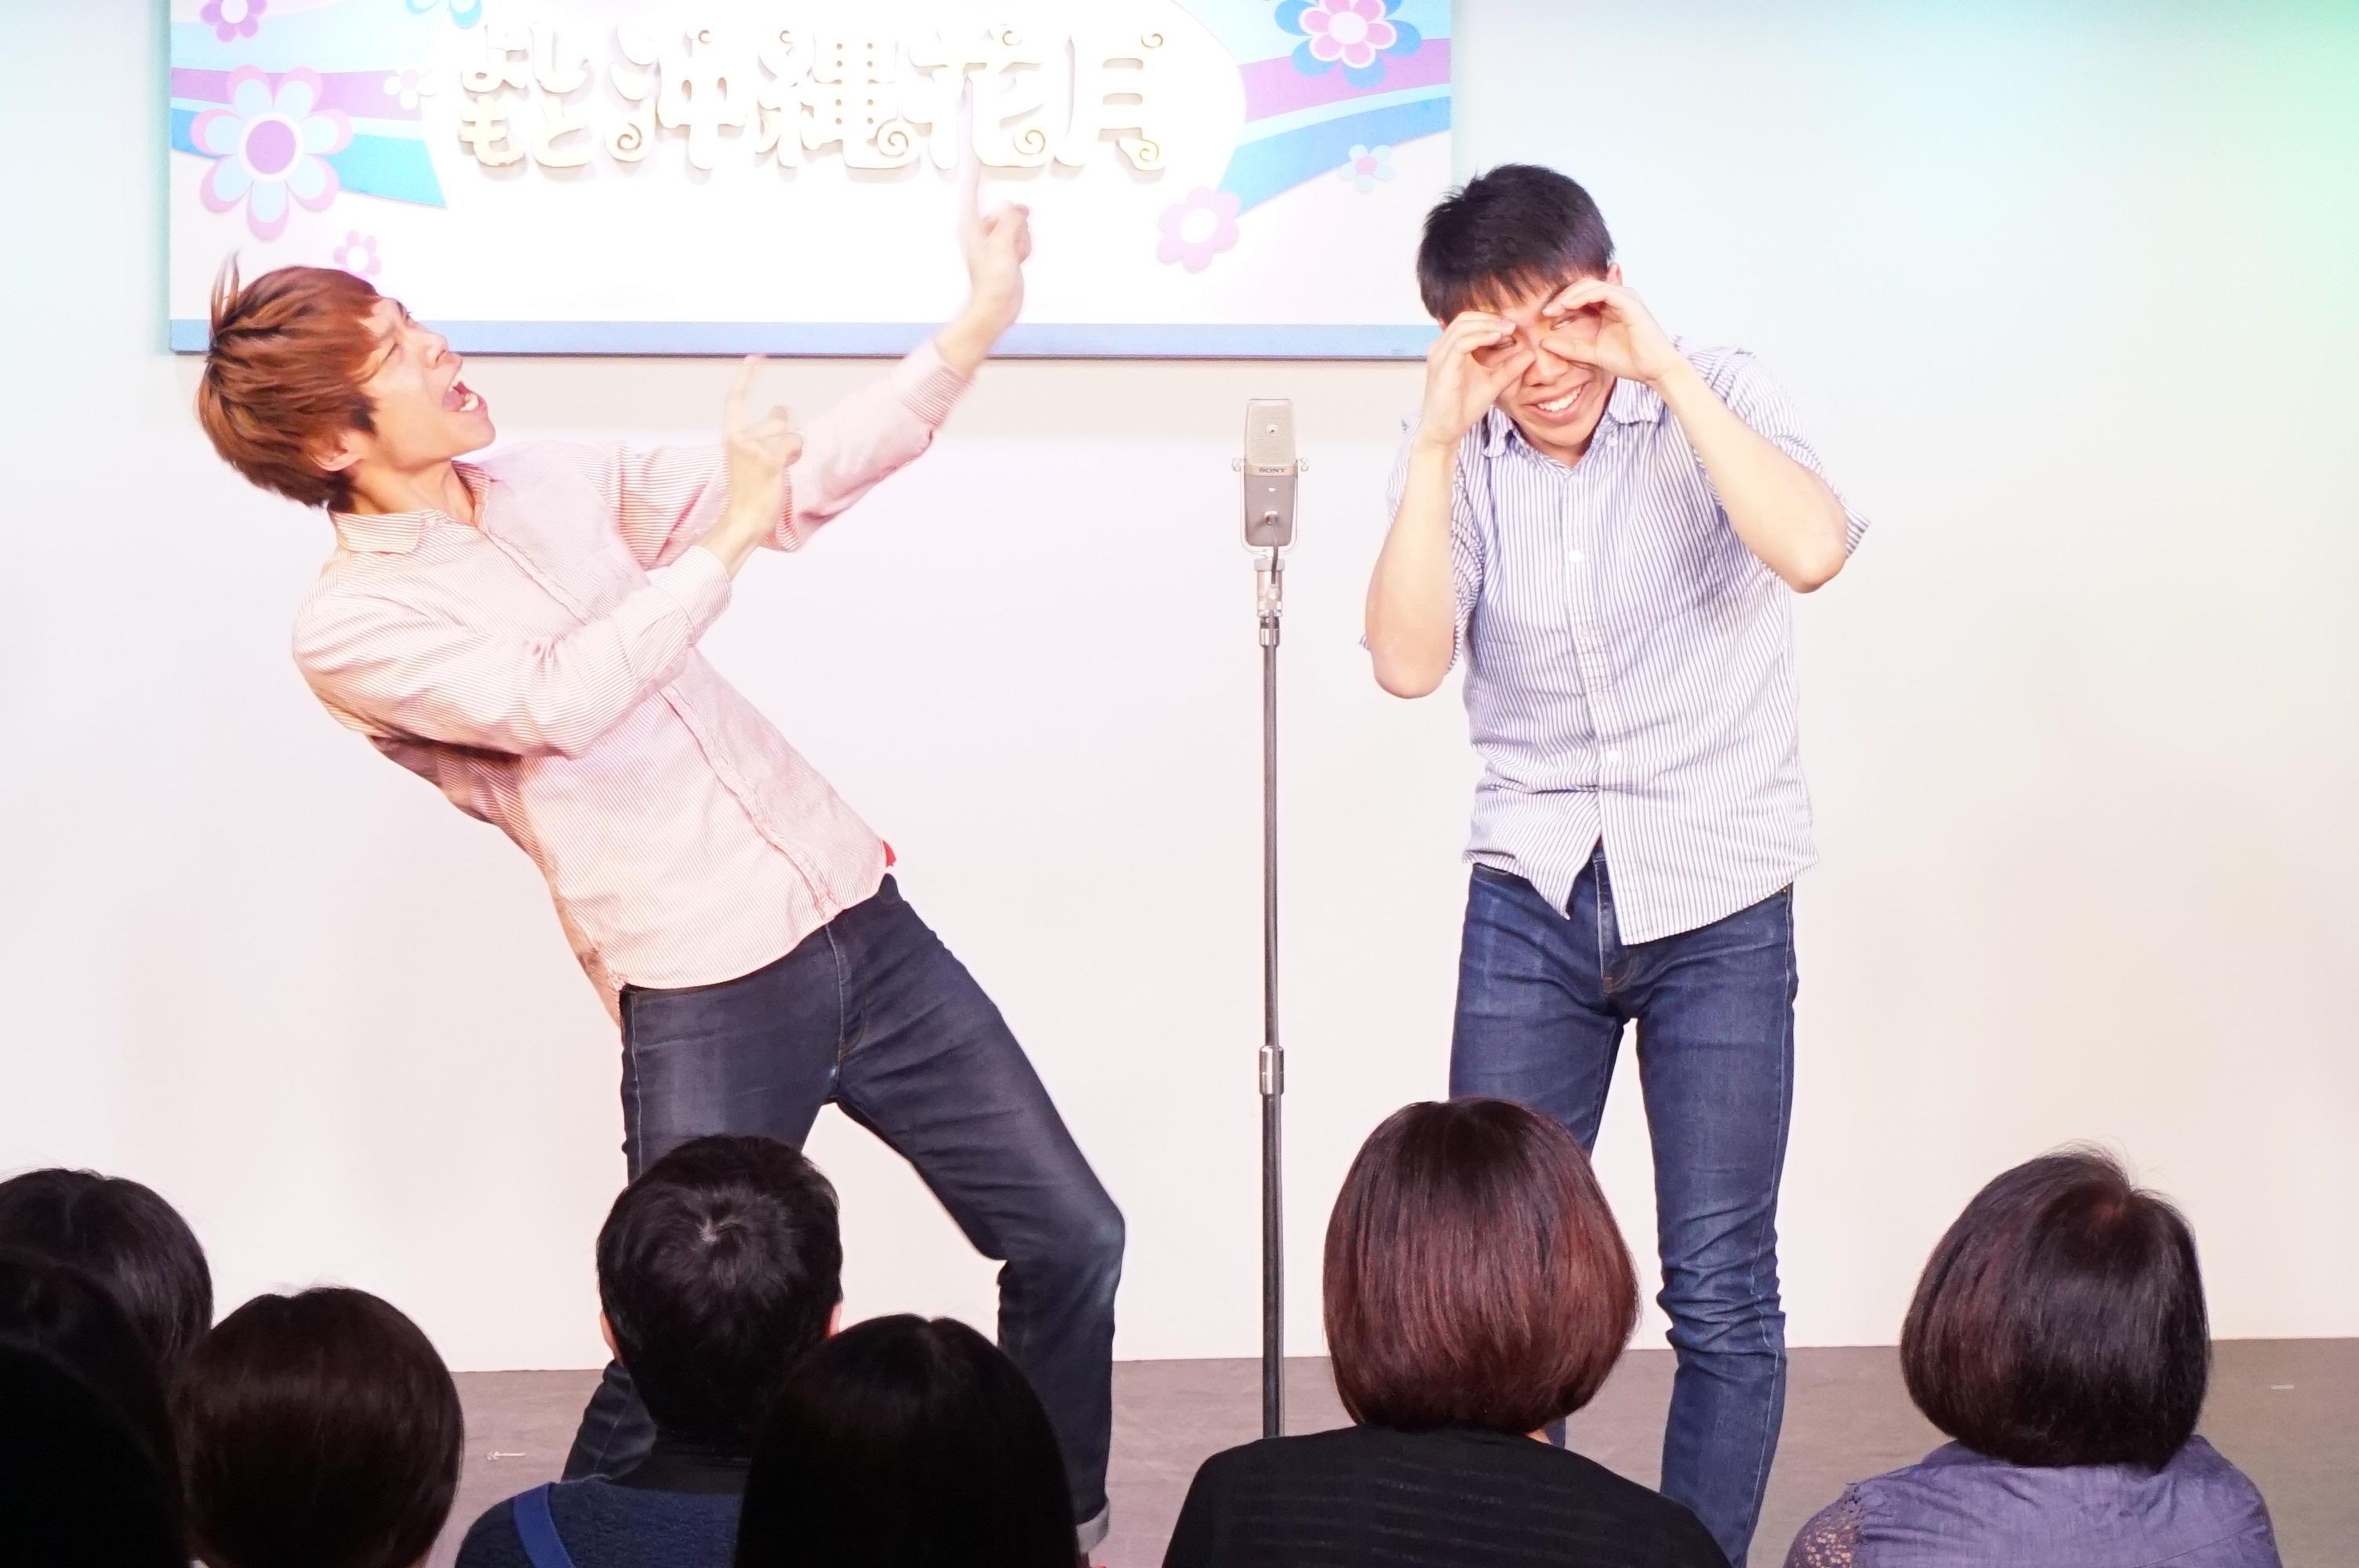 http://news.yoshimoto.co.jp/20171121164812-fbf94b5cf59ec37969bfd56c06ff97bcfcb8f8f7.jpg